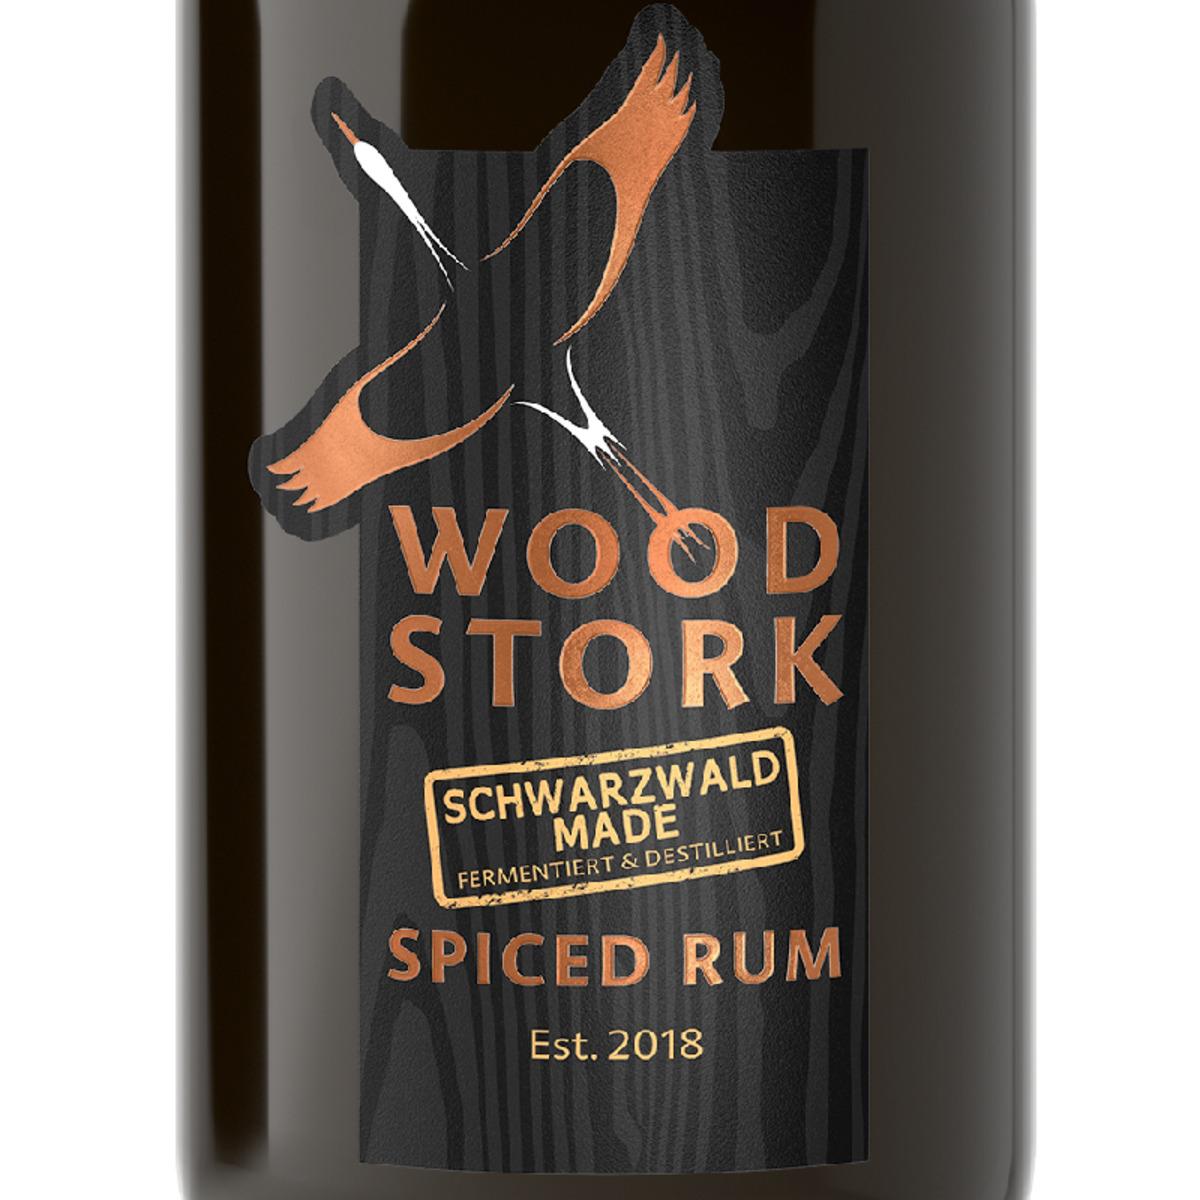 Bild 3 von Wood Stork Spiced Rum, Geschenkpackung mit Glas